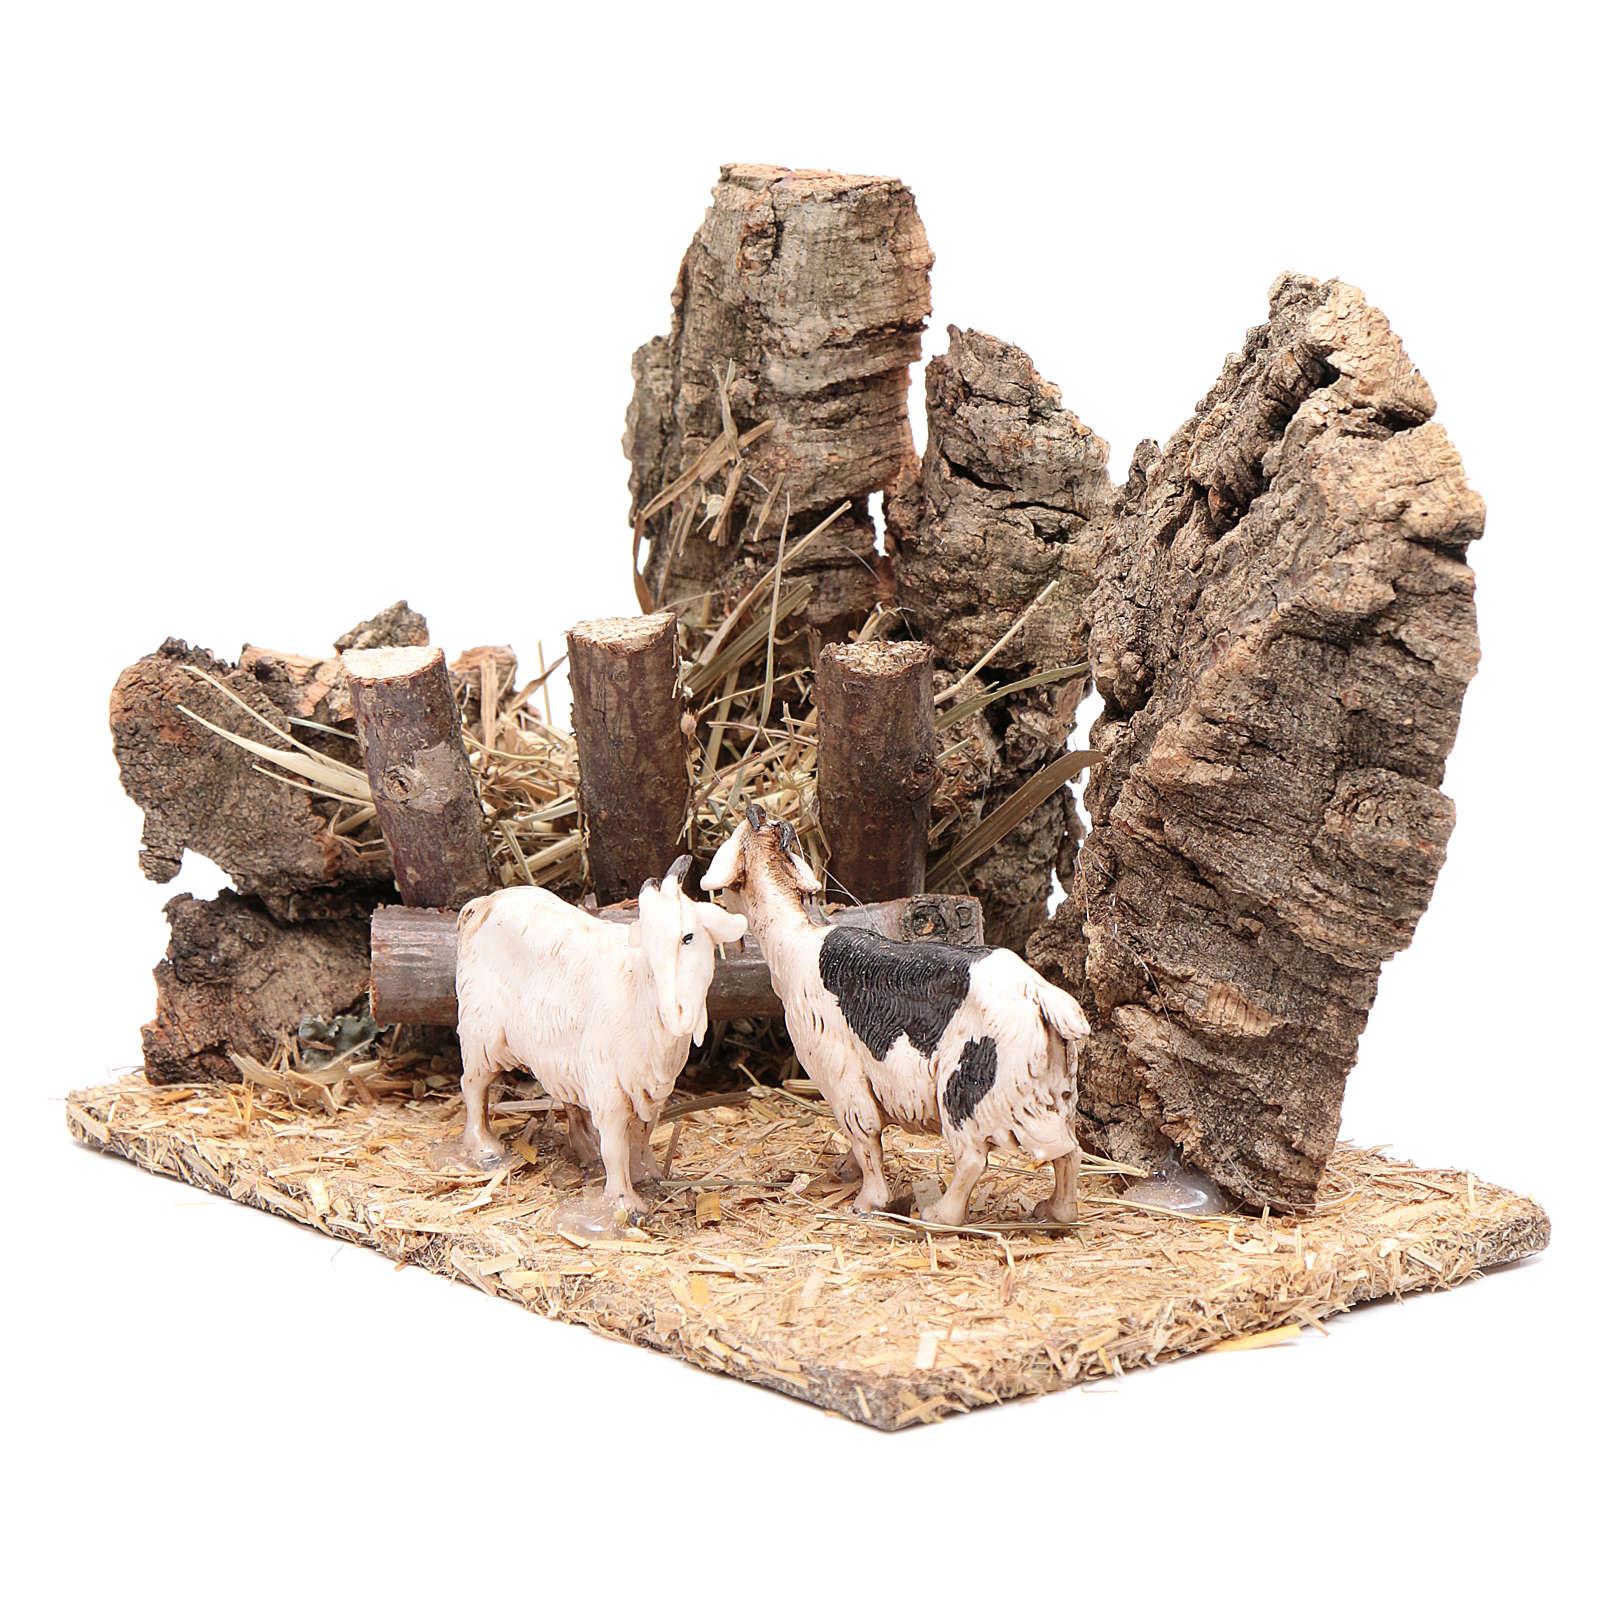 Décor mangeoire et chèvres 10x15x10 4